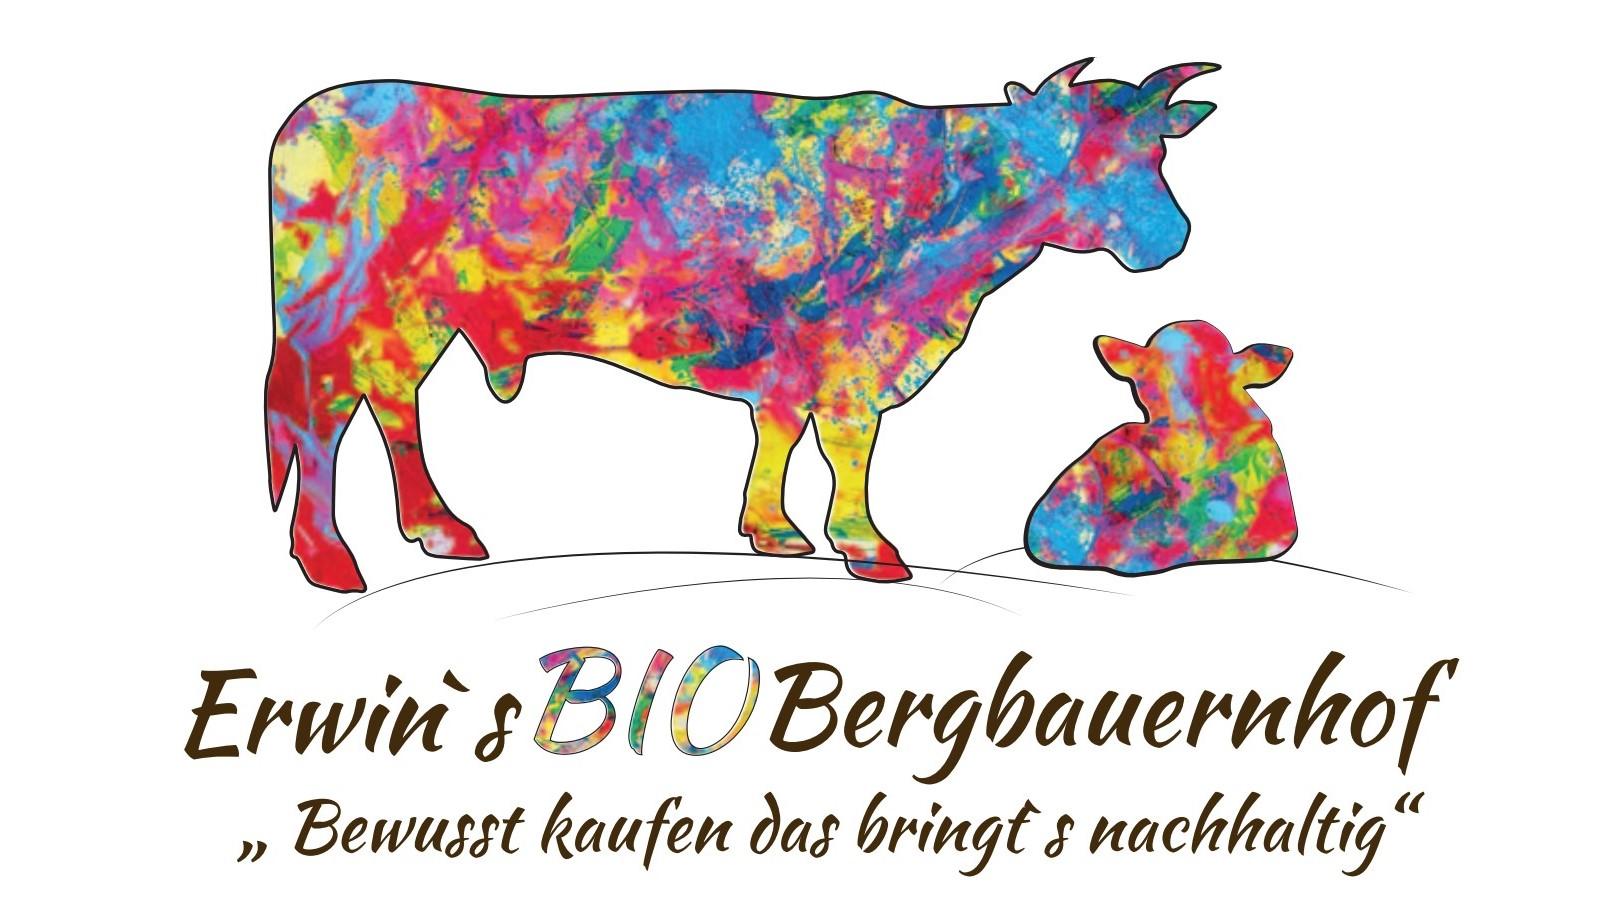 Täglich legefrische Bio-Eier von Weidehühnern gibt es bei Erwin Tisch im Thonberghof am Fuß der Rax